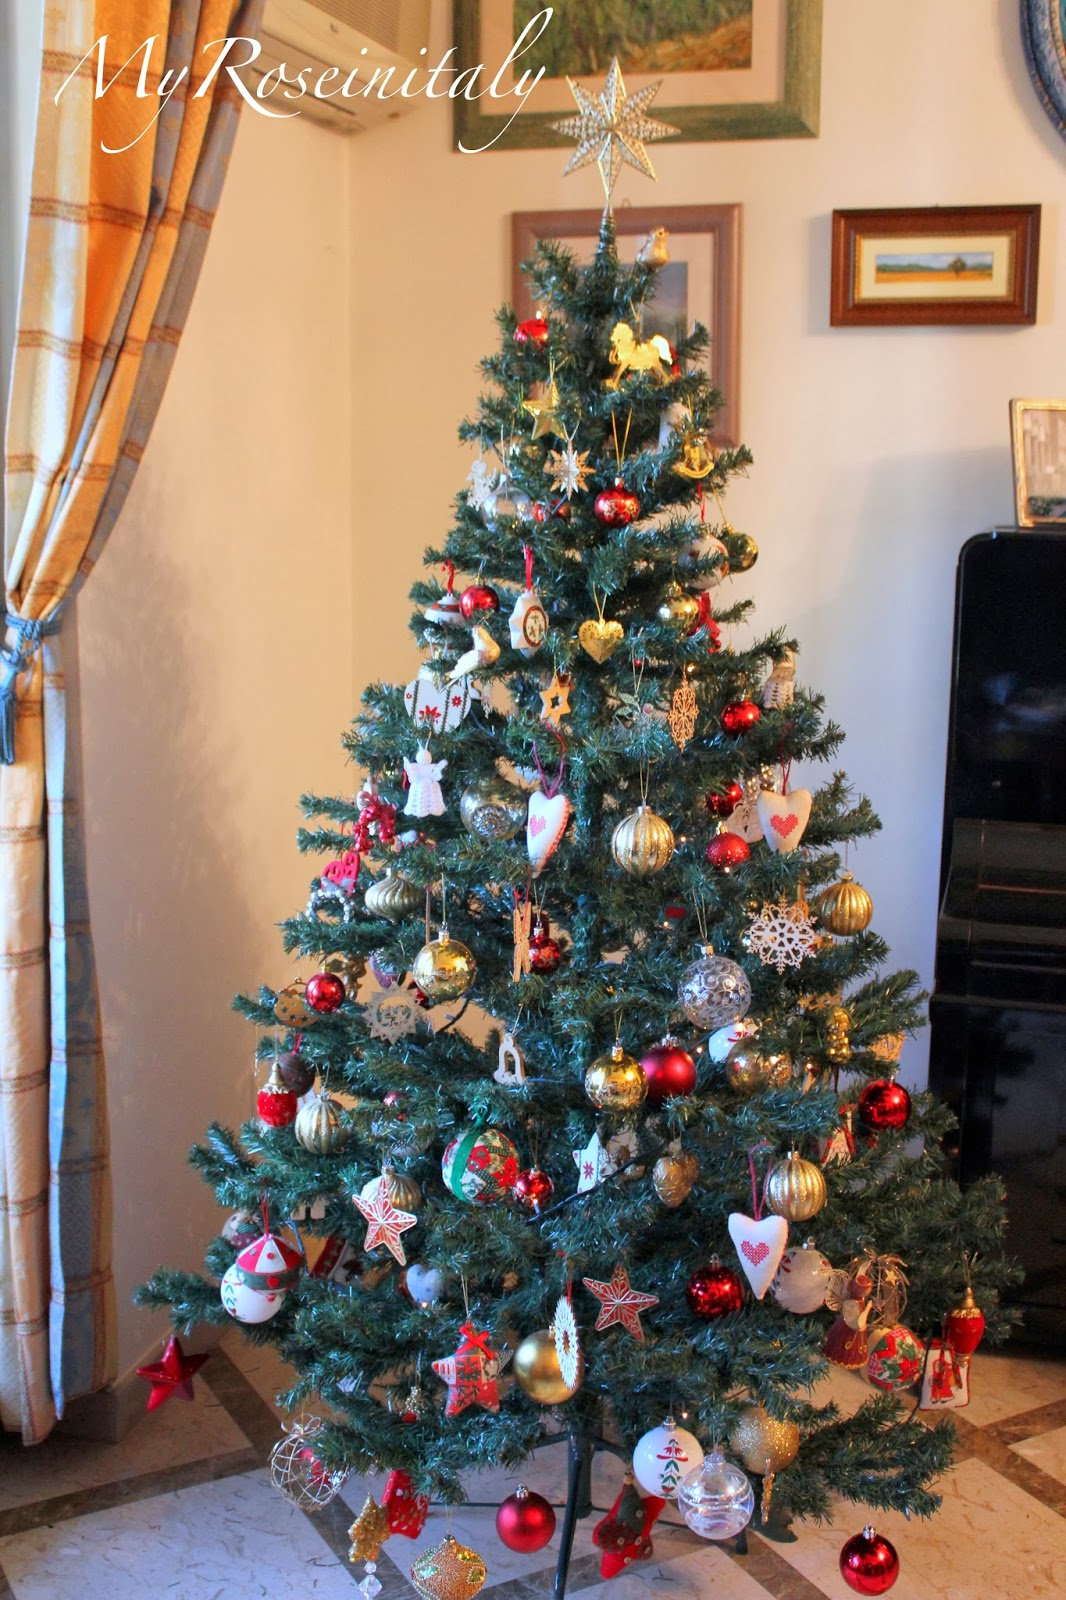 My roseinitaly come fare l 39 albero di natale for Obi albero di natale